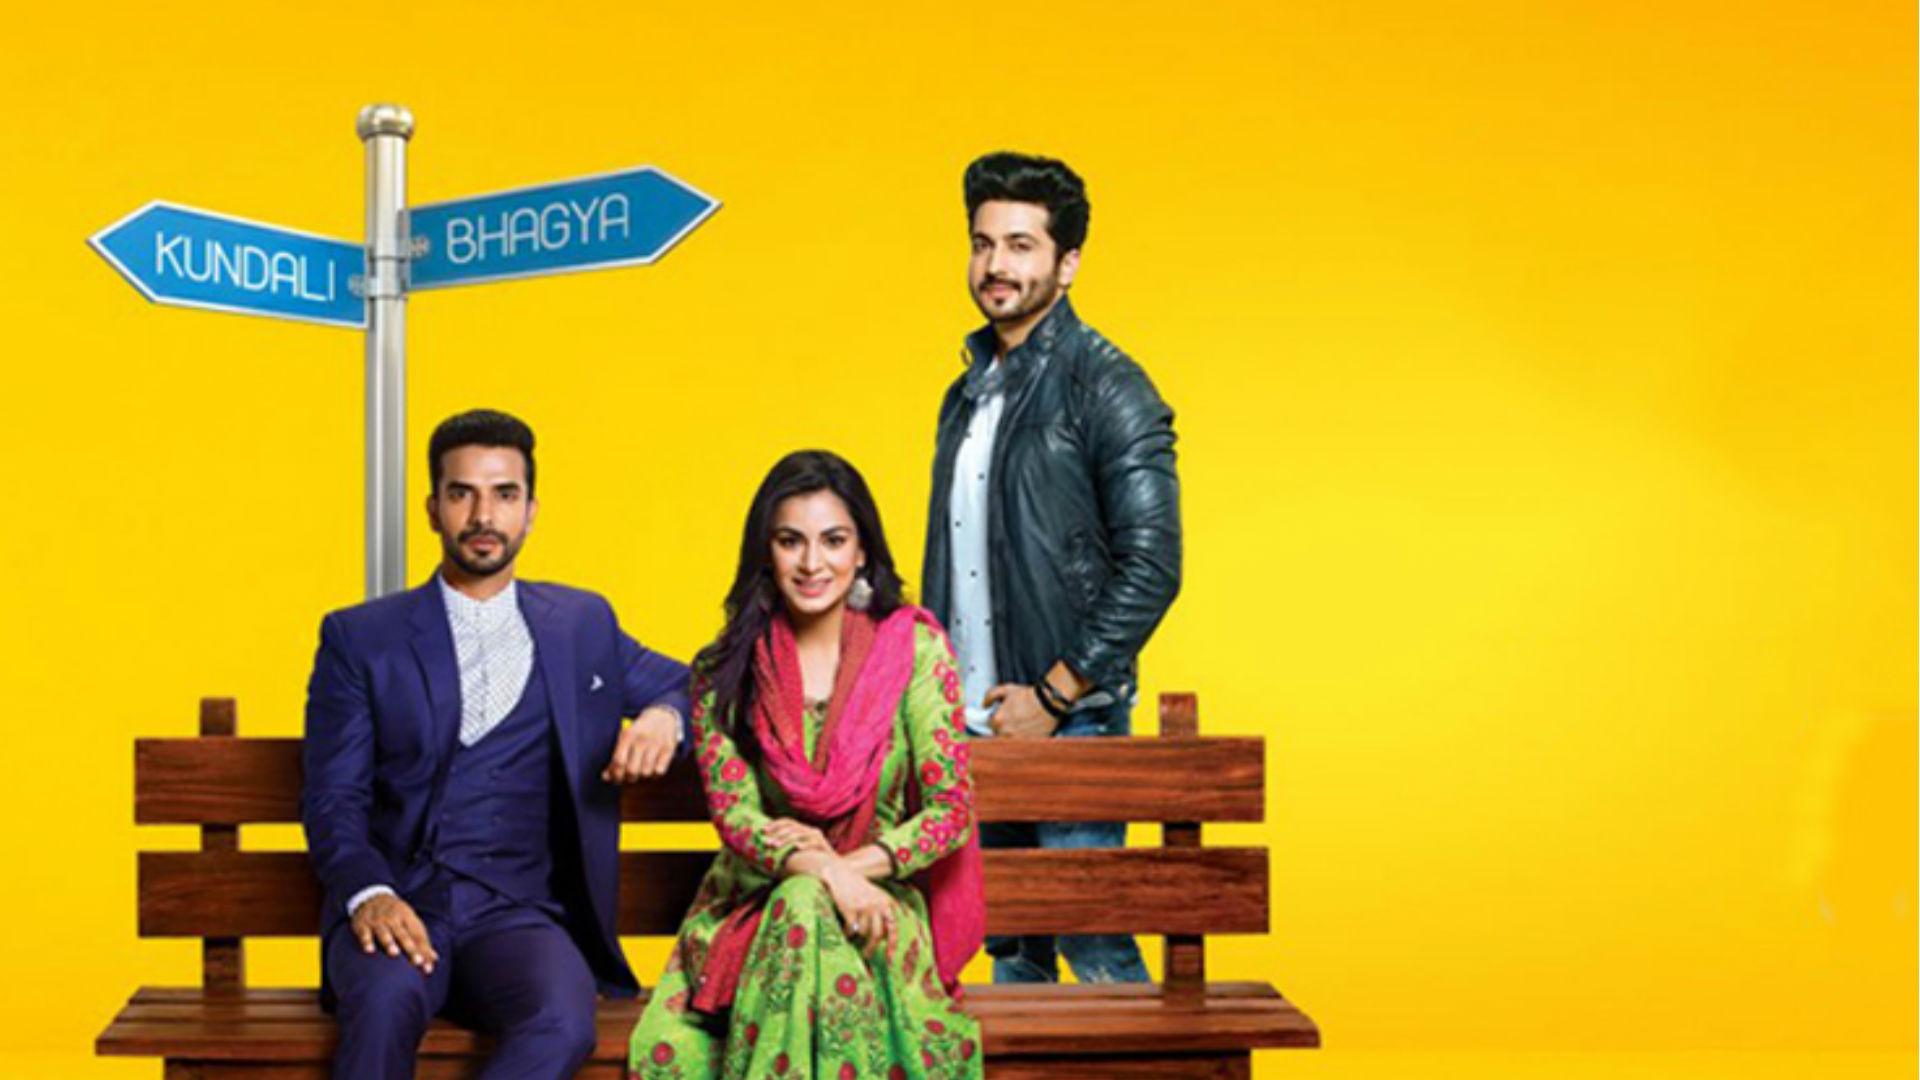 Kundali Bhagya: कुंडली भाग्य सीरियल के 500 एपिसोड पूरे, शो के सितारों ने कुछ इस तरह मनाया जश्न